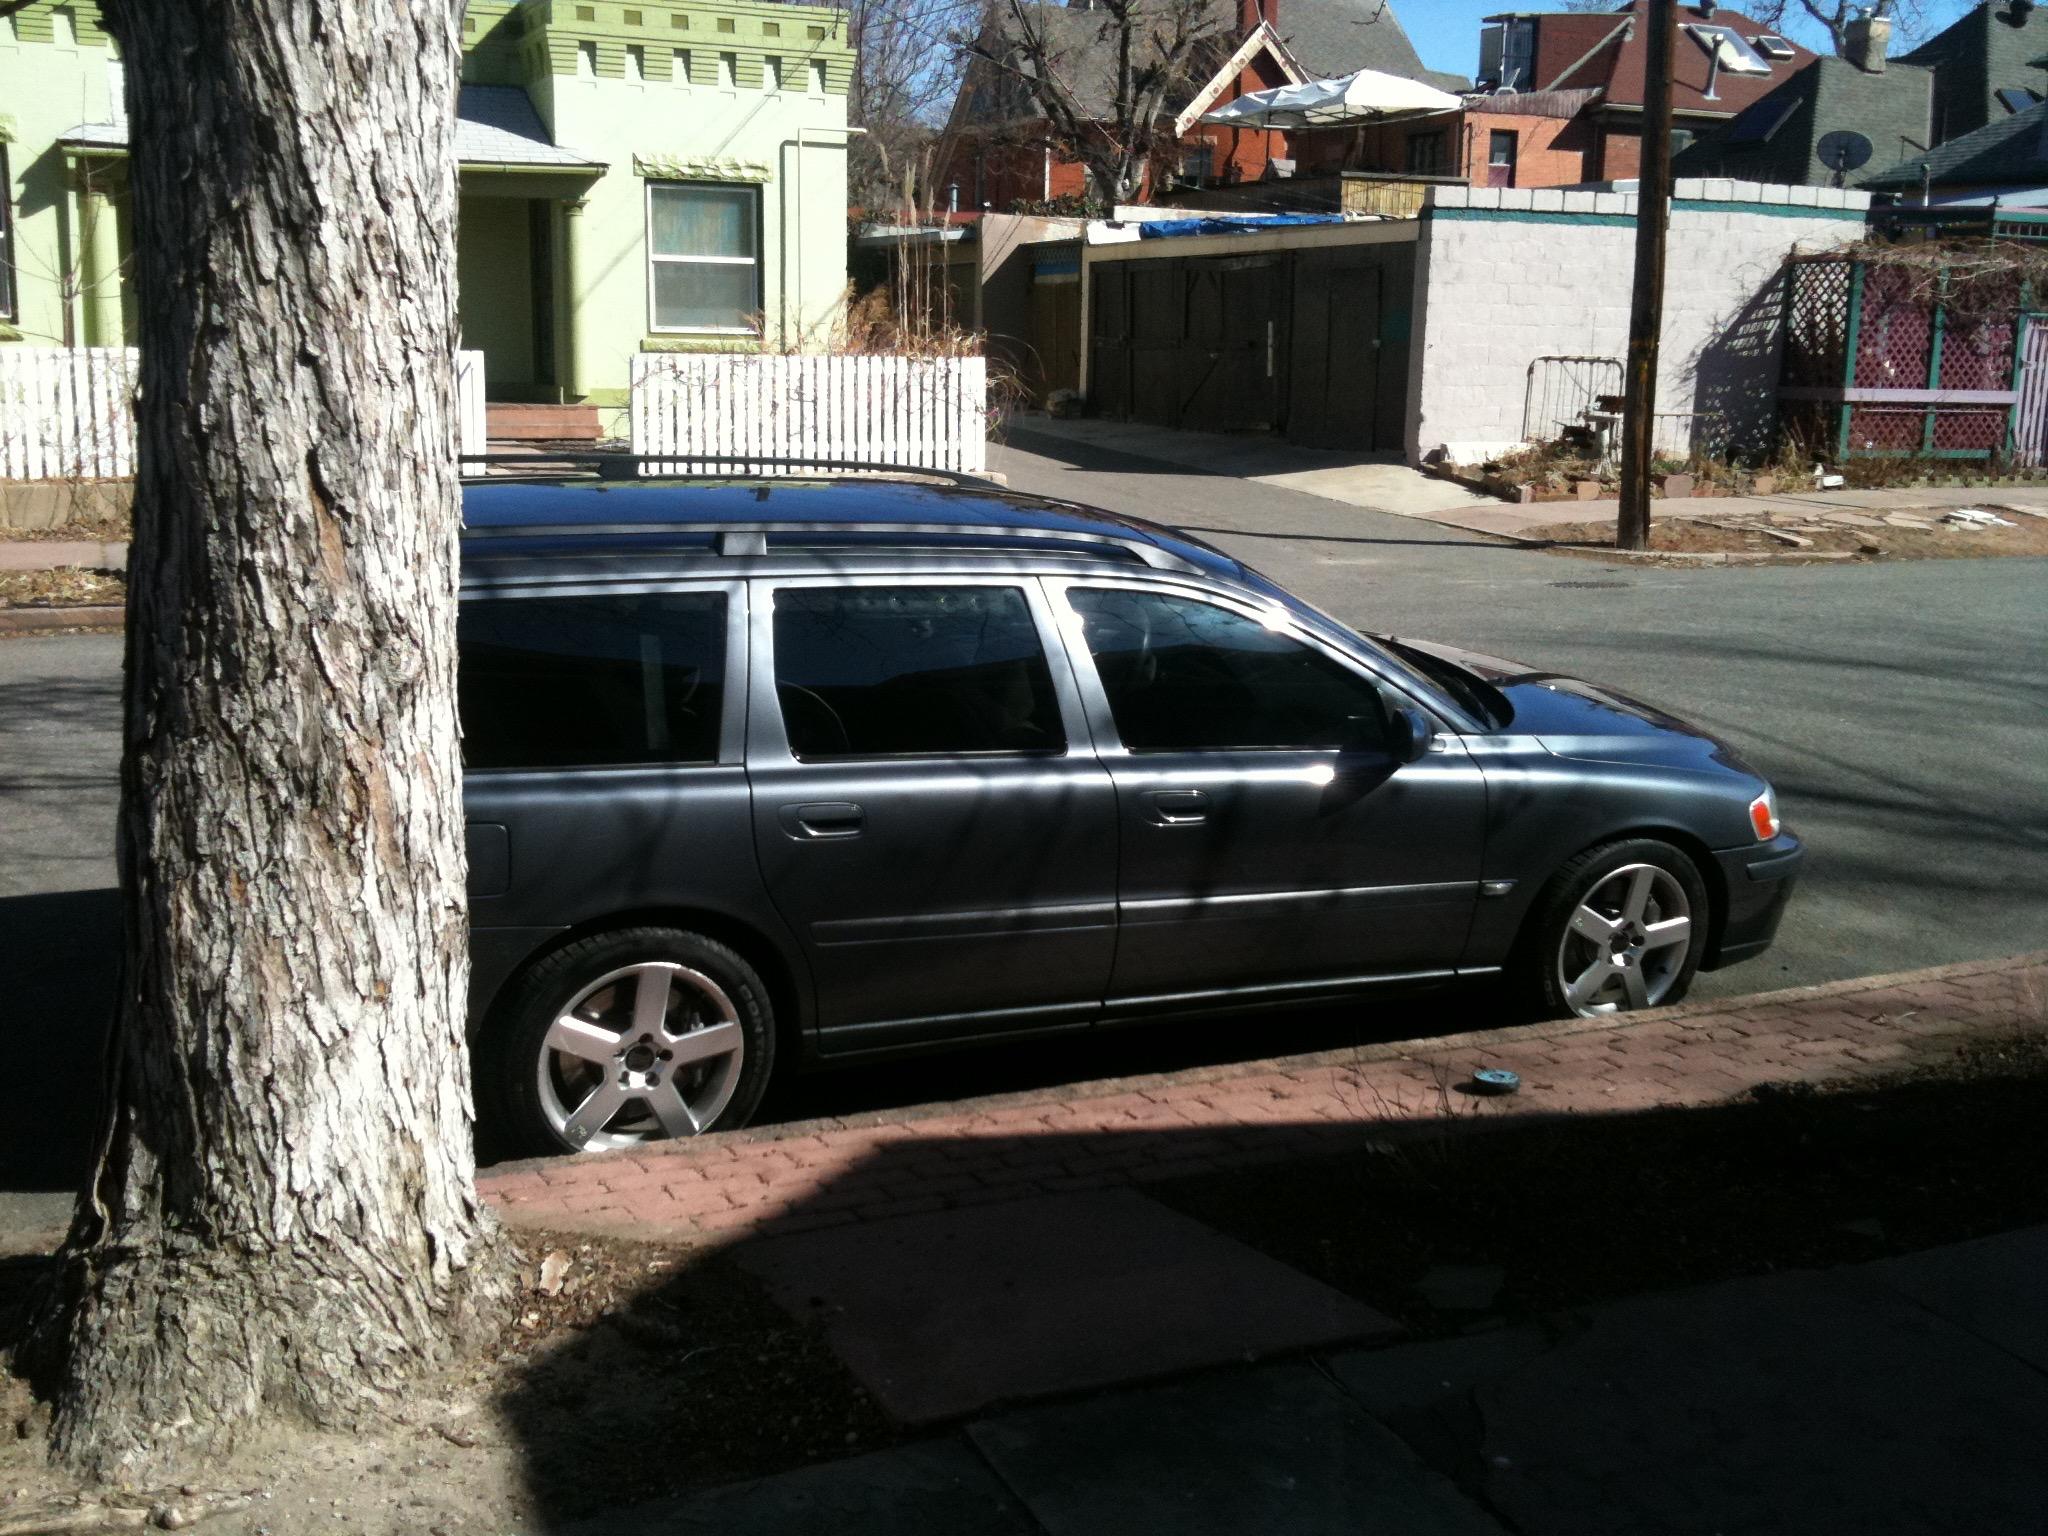 Img 2813 -   2004, R, V70 R, Volvo, wagon